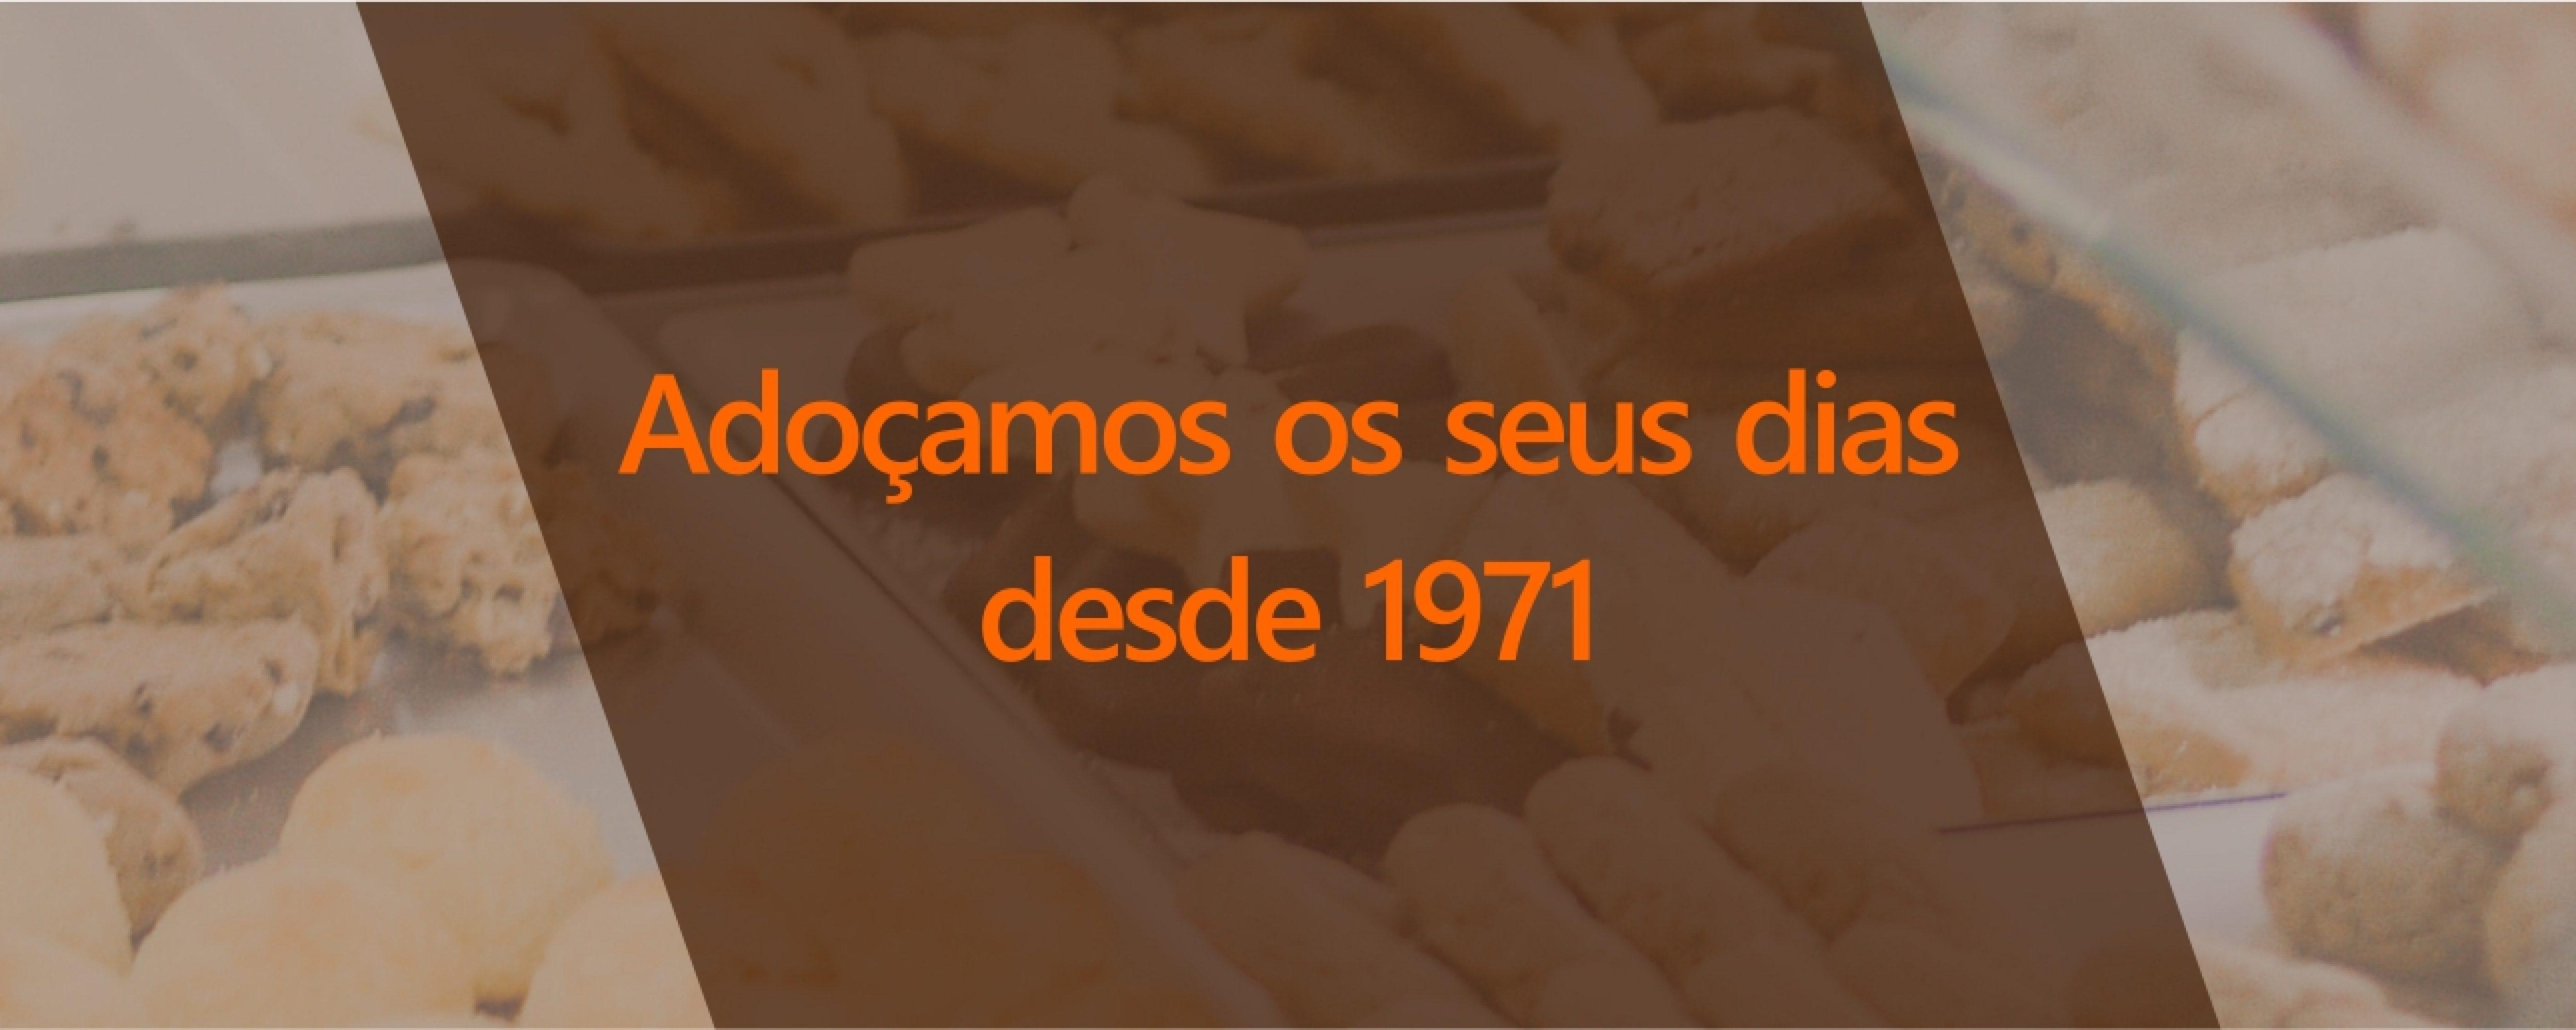 Cabeçalho Ribapão(Pastelaria)-texto